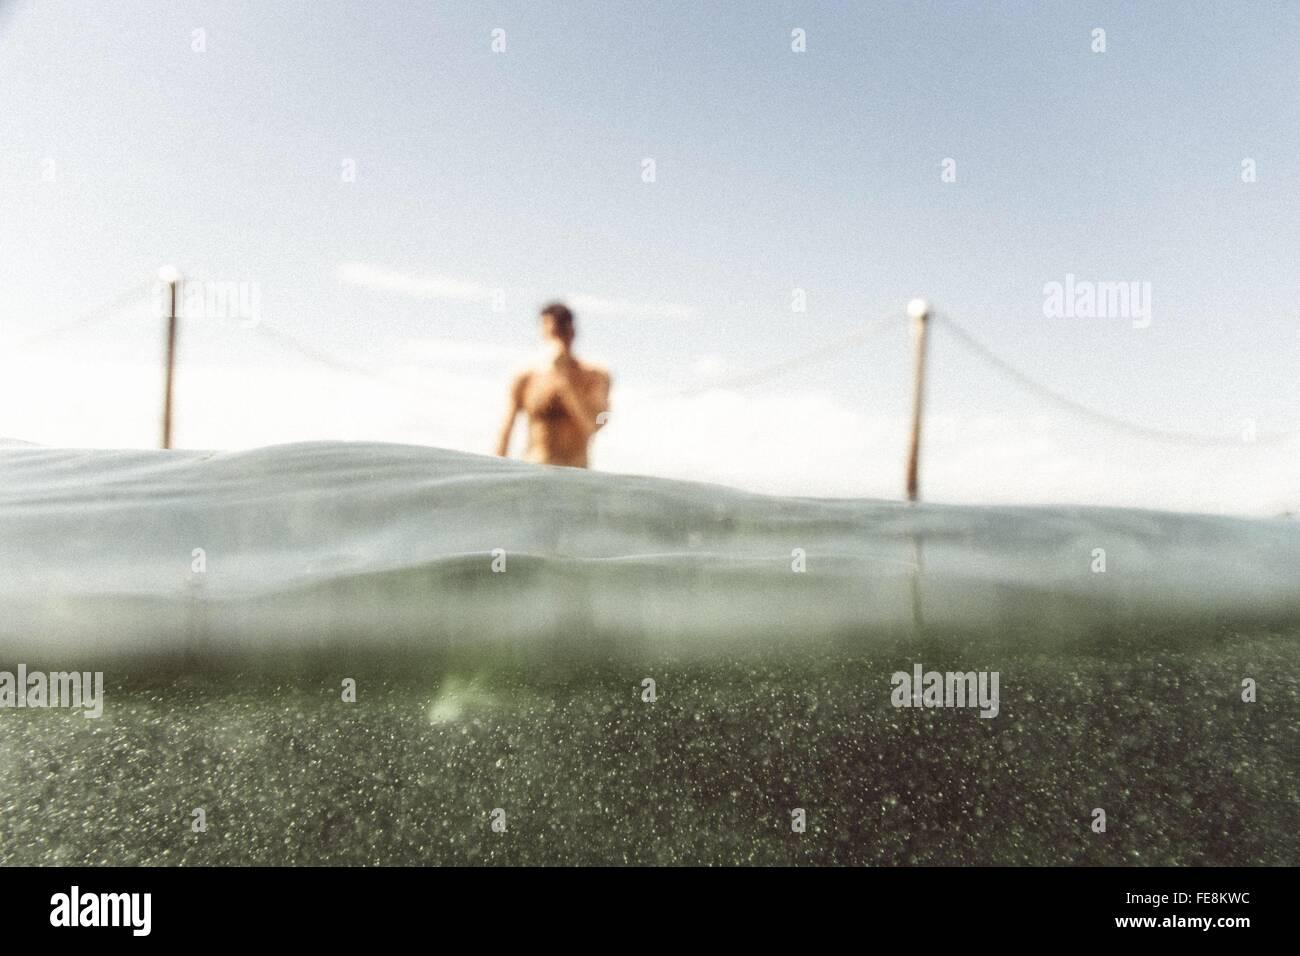 Uomo In acqua Immagini Stock